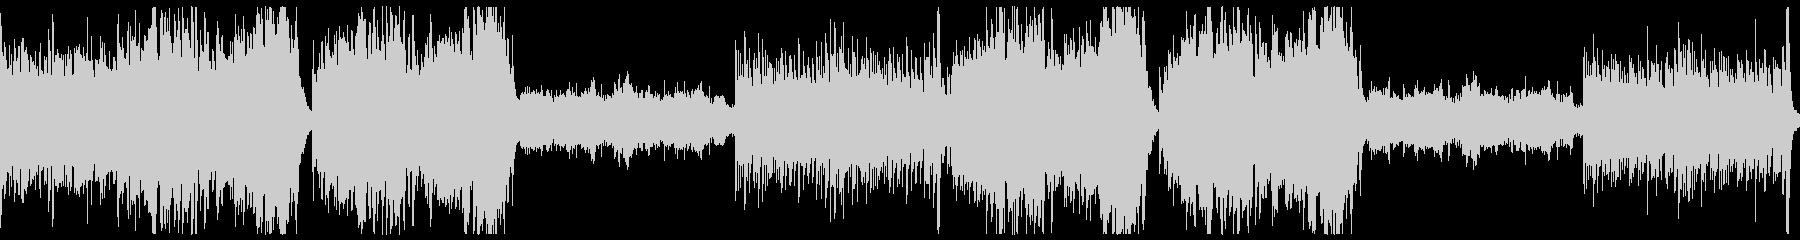 ストリングスと木管のホラー曲。3拍子の未再生の波形